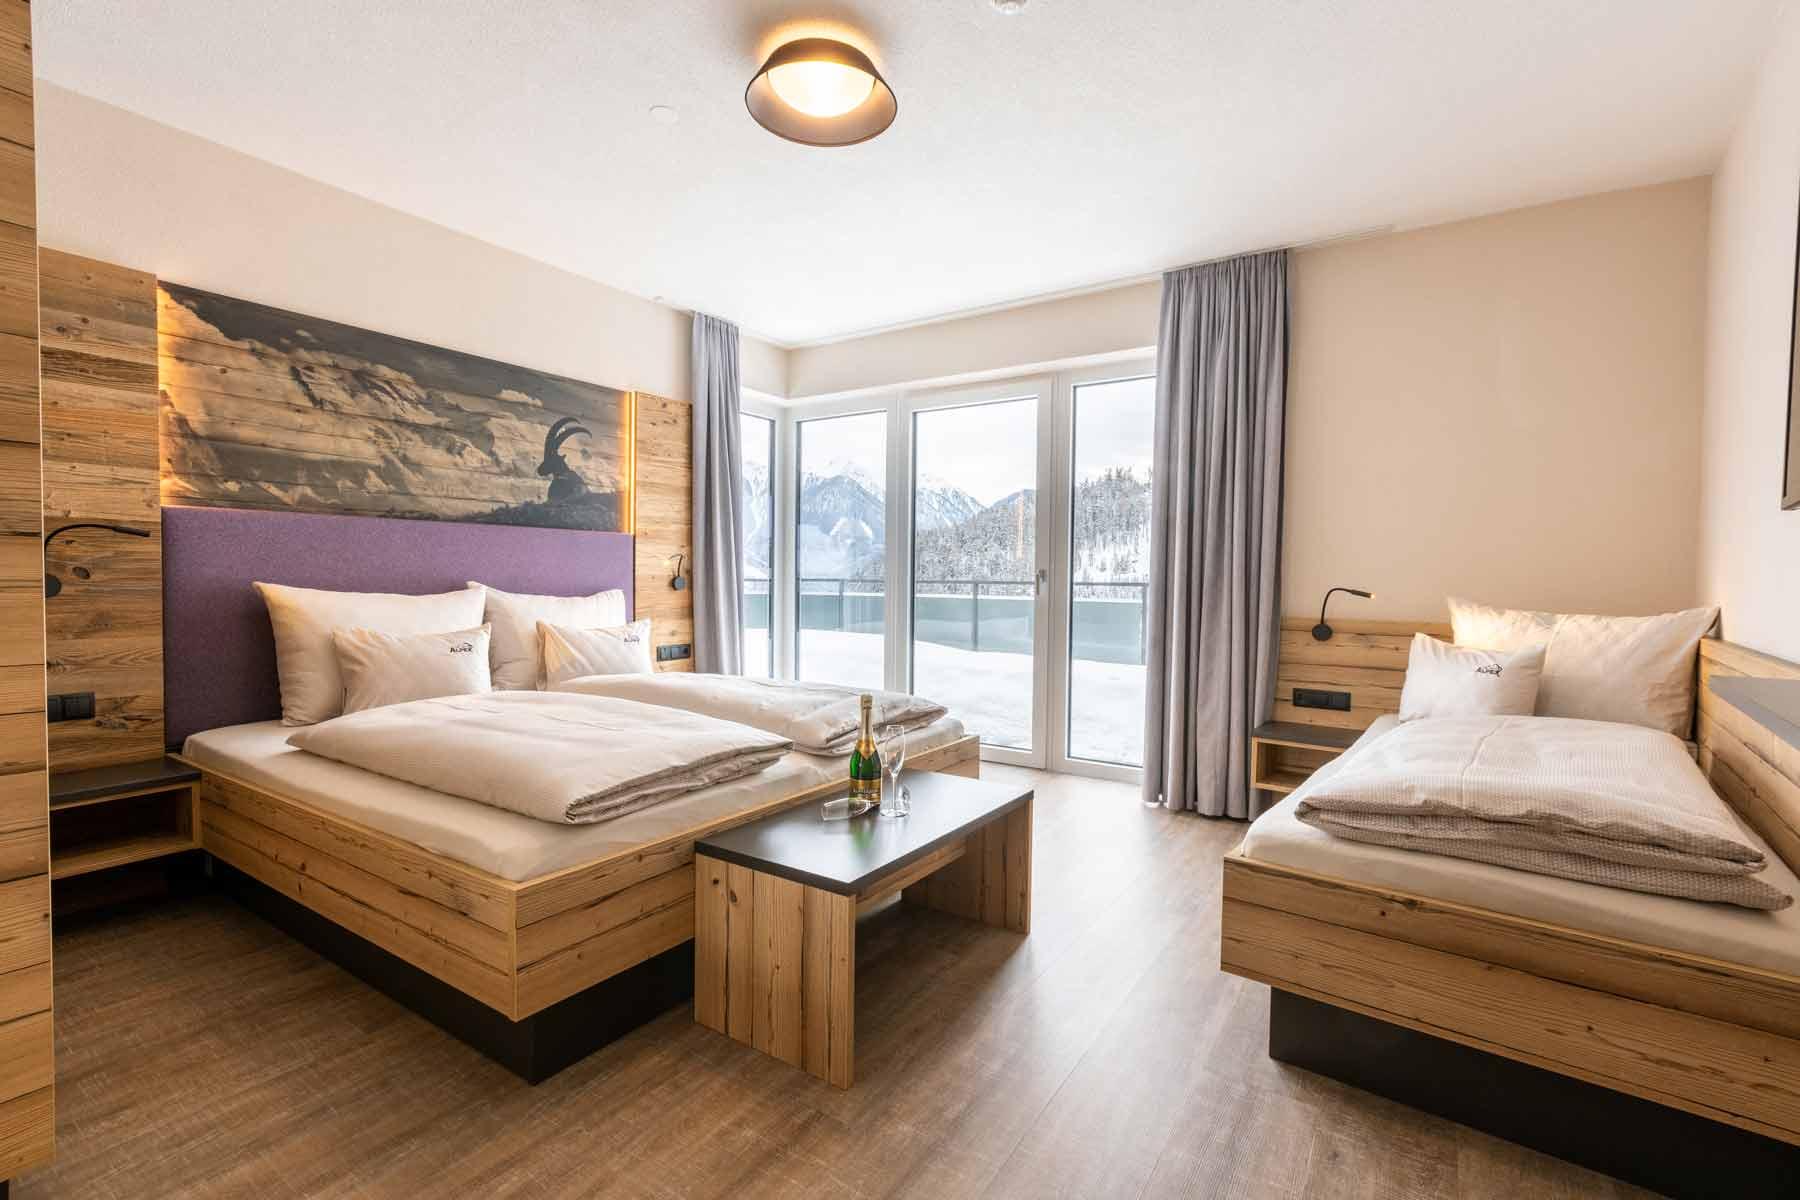 be_Alpex-Hotelfoto-Appartement21-DSC09521-HDR